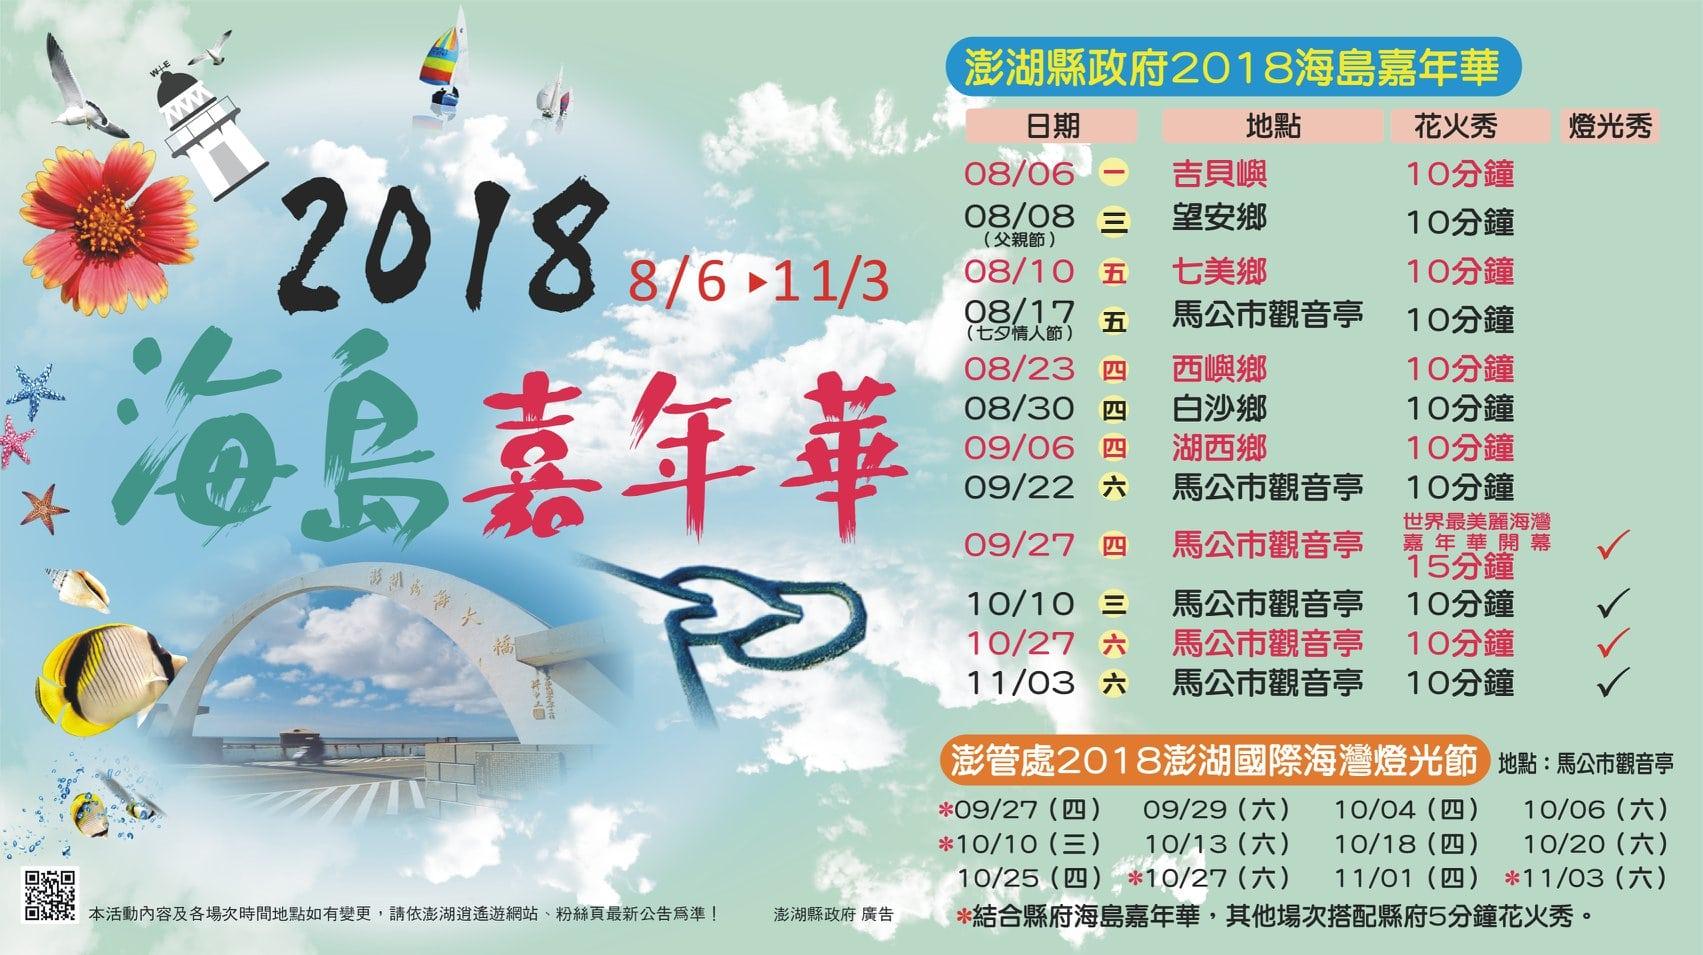 2018澎湖海島嘉年華活動資訊